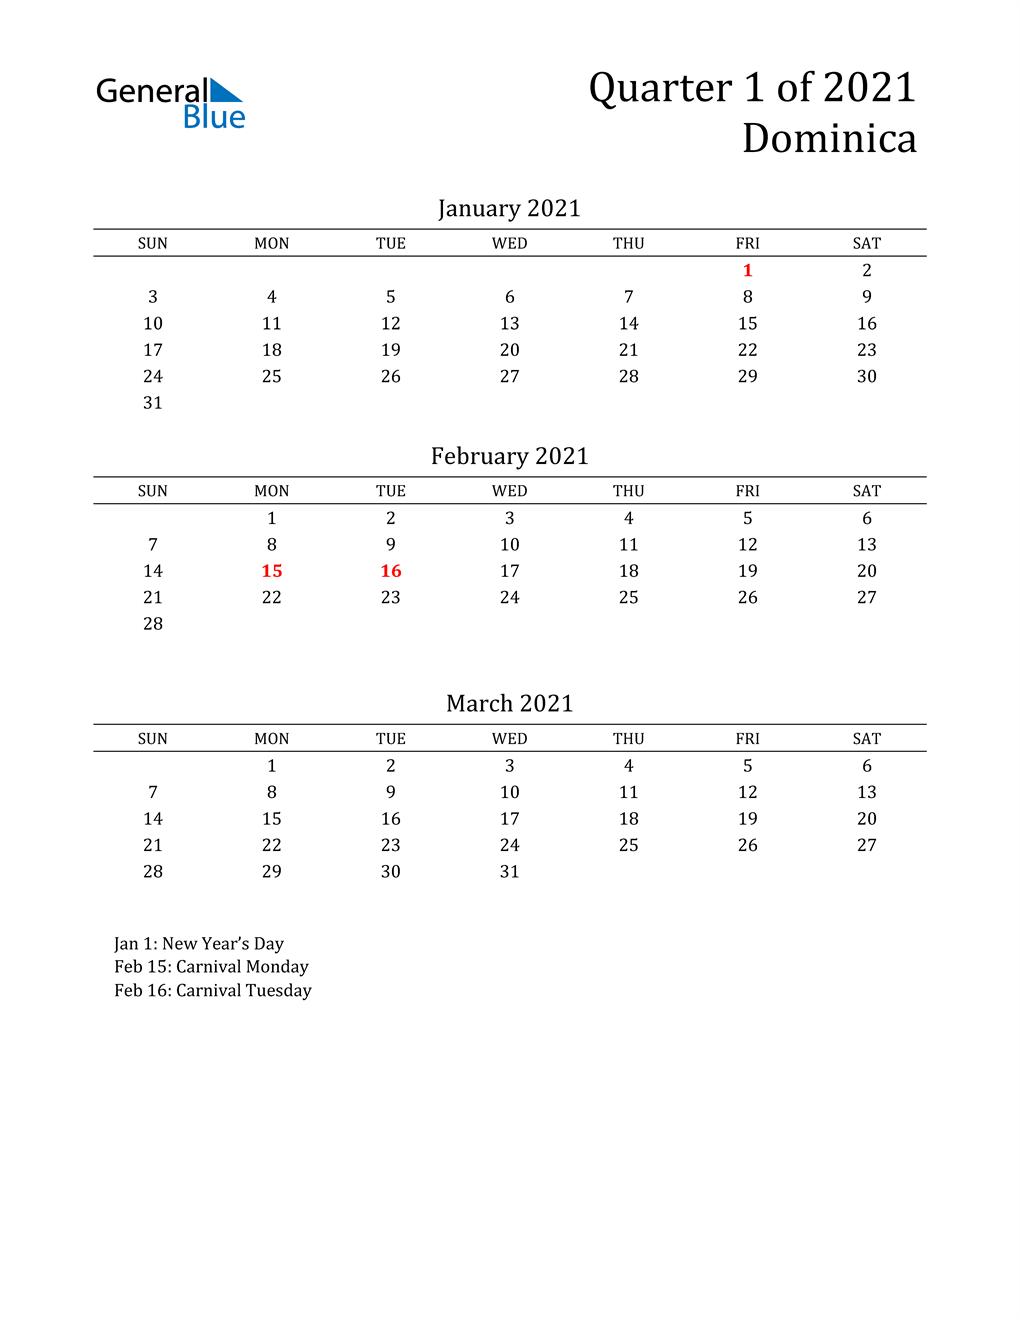 2021 Dominica Quarterly Calendar